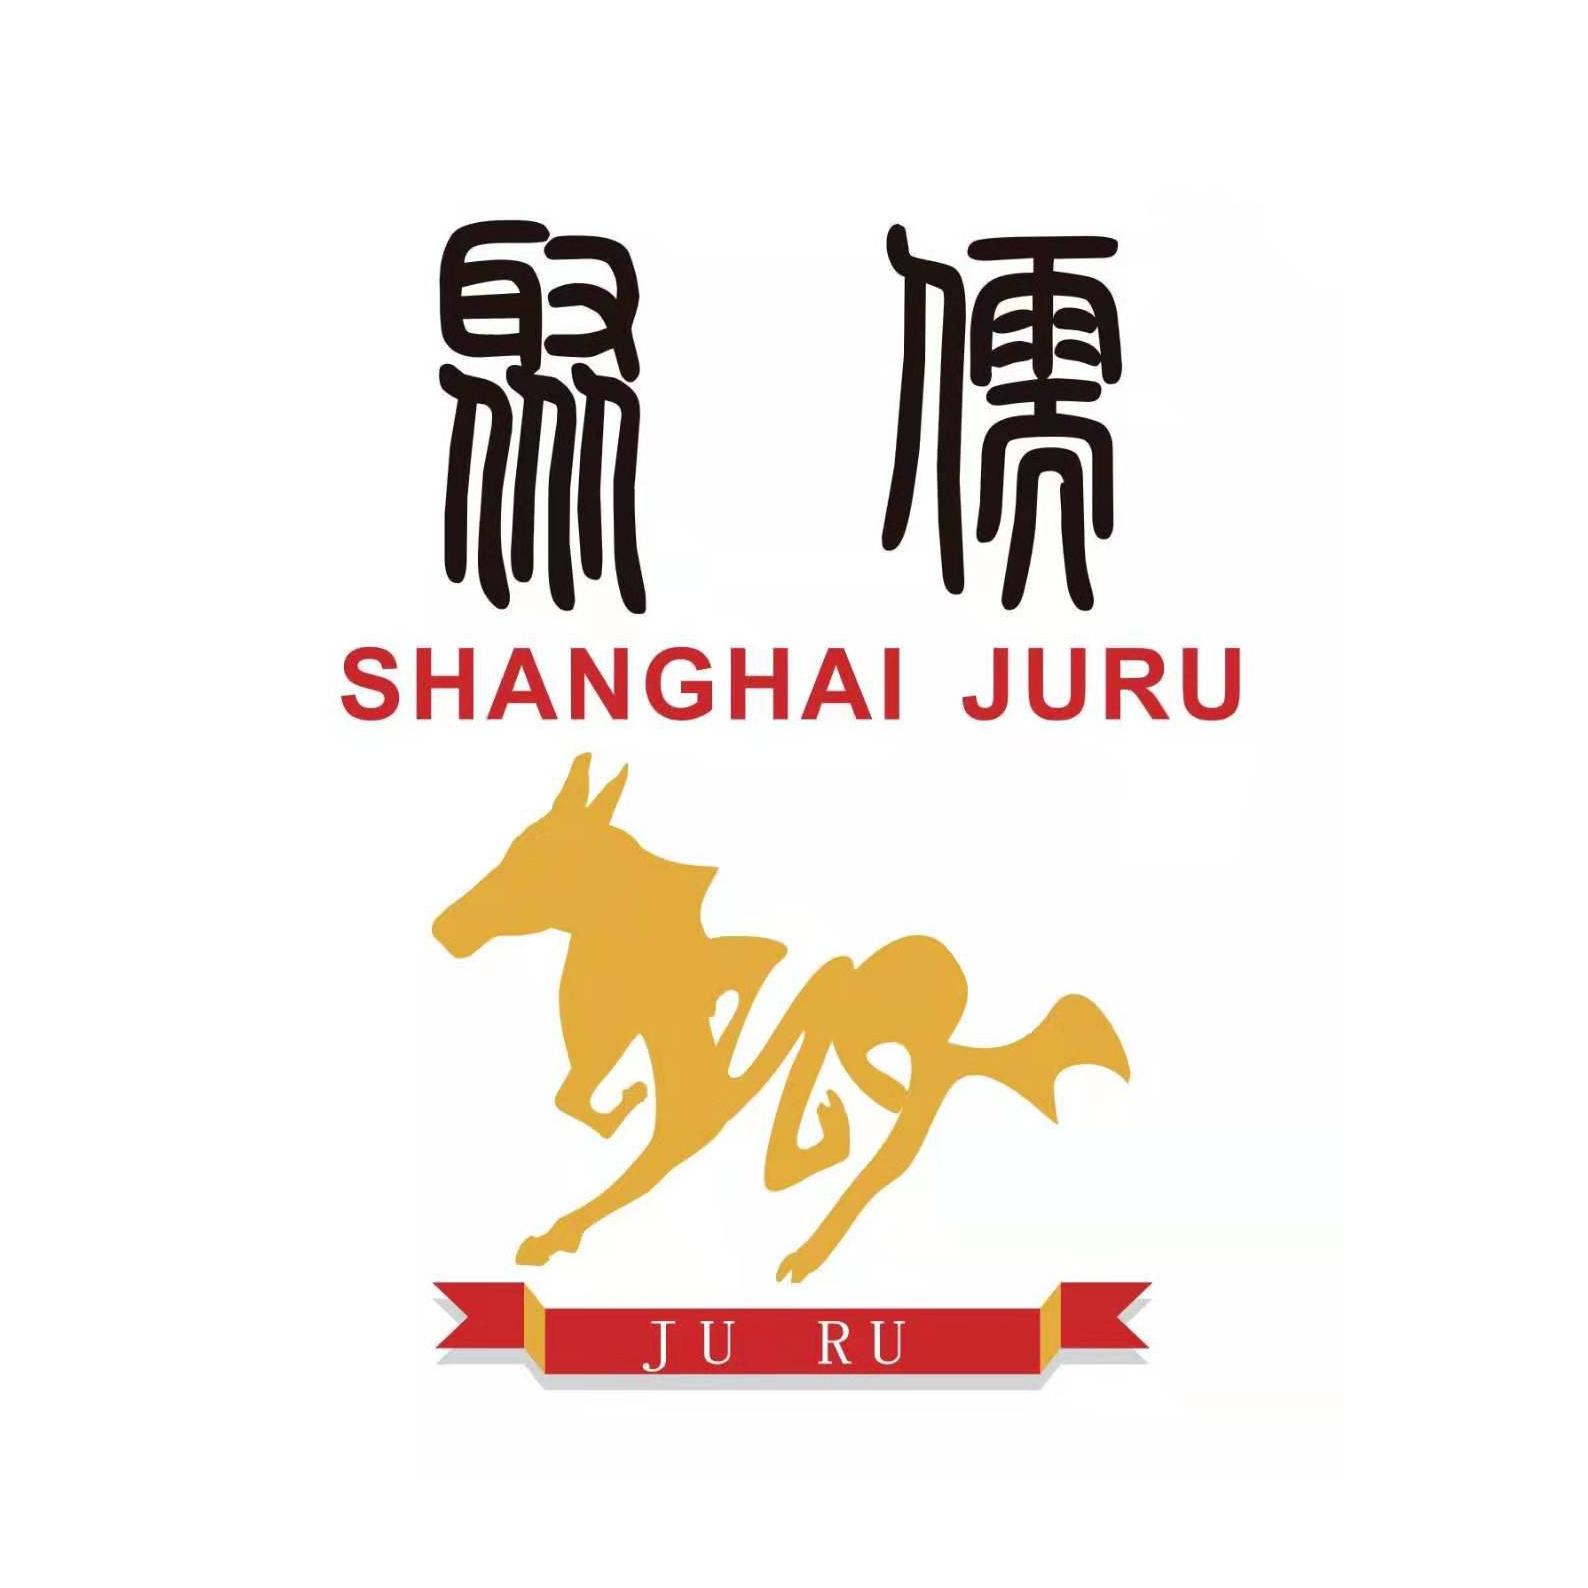 Shanghai JURU